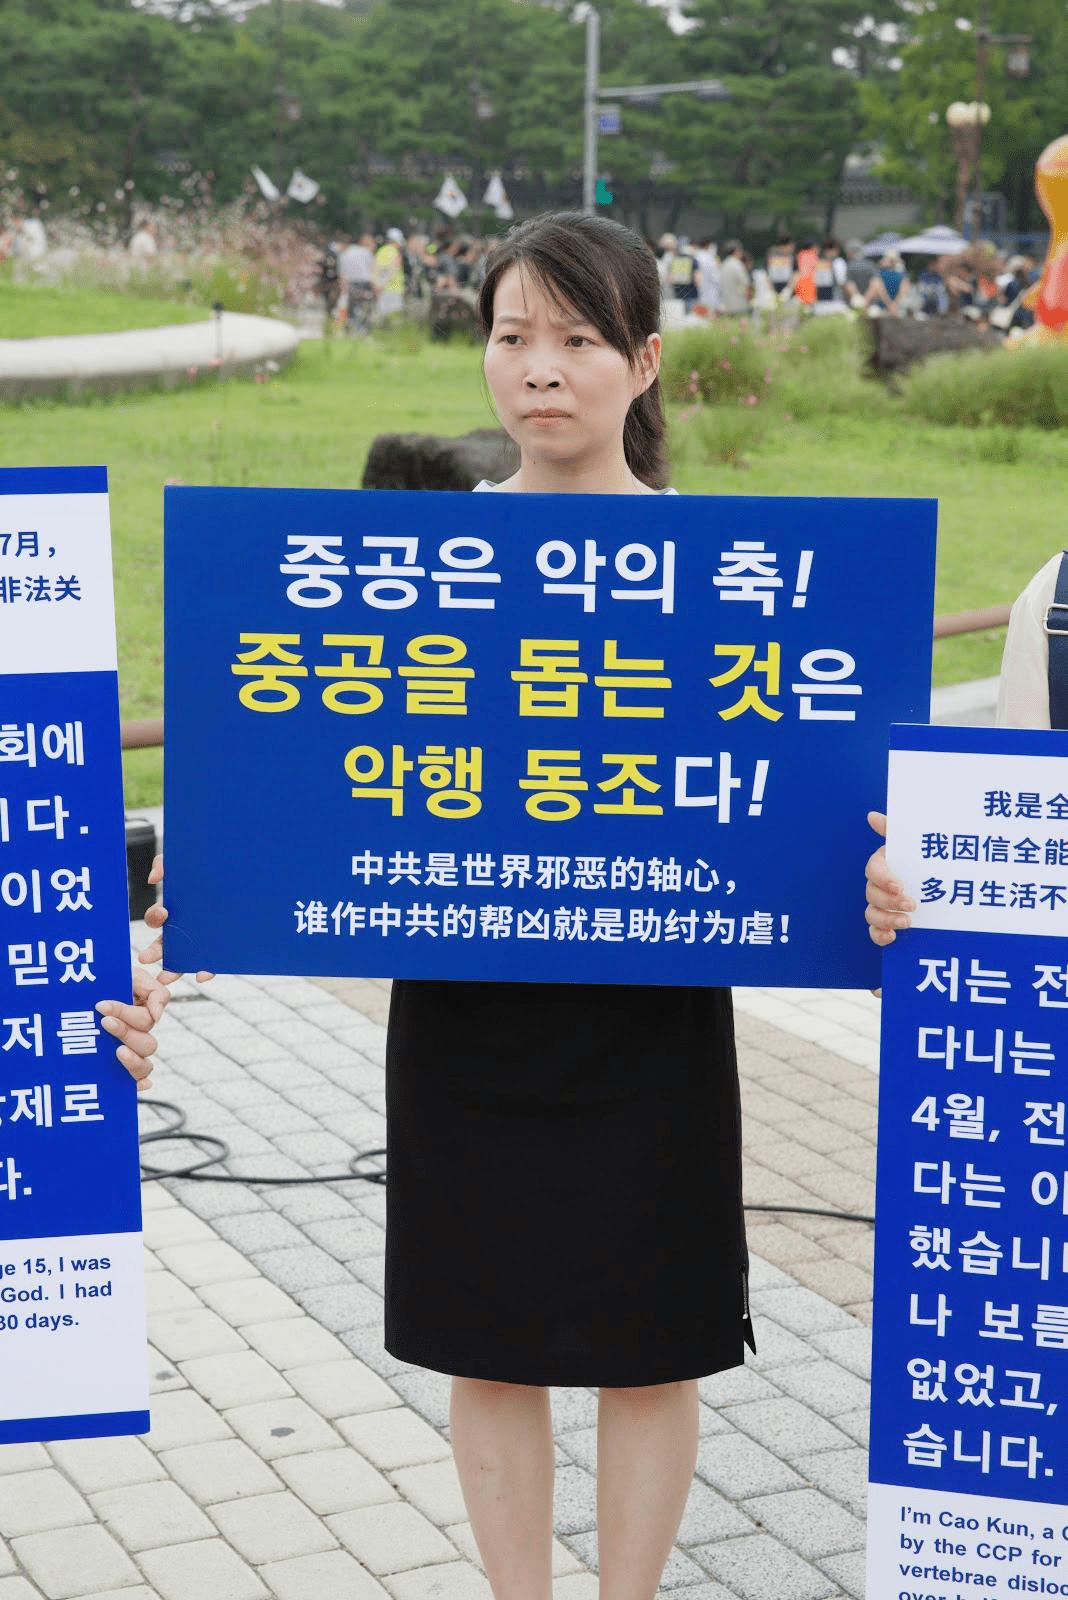 基督徒舉牌抗議中共迫害基督徒